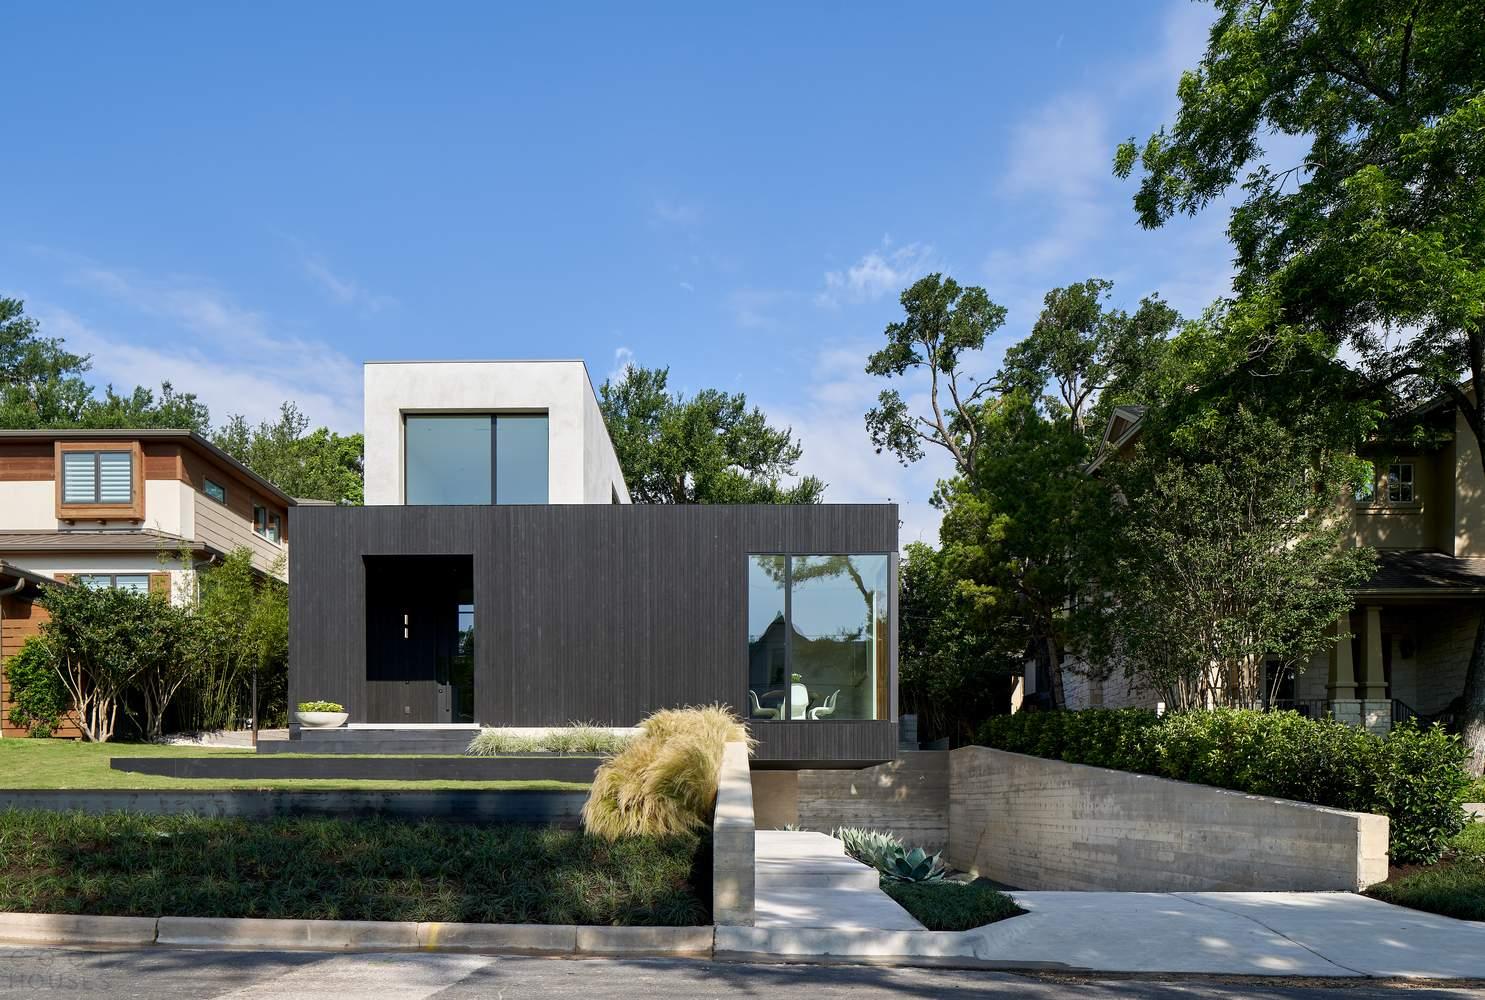 Семейный дом Скайбокс с эффектными угловыми окнами, США